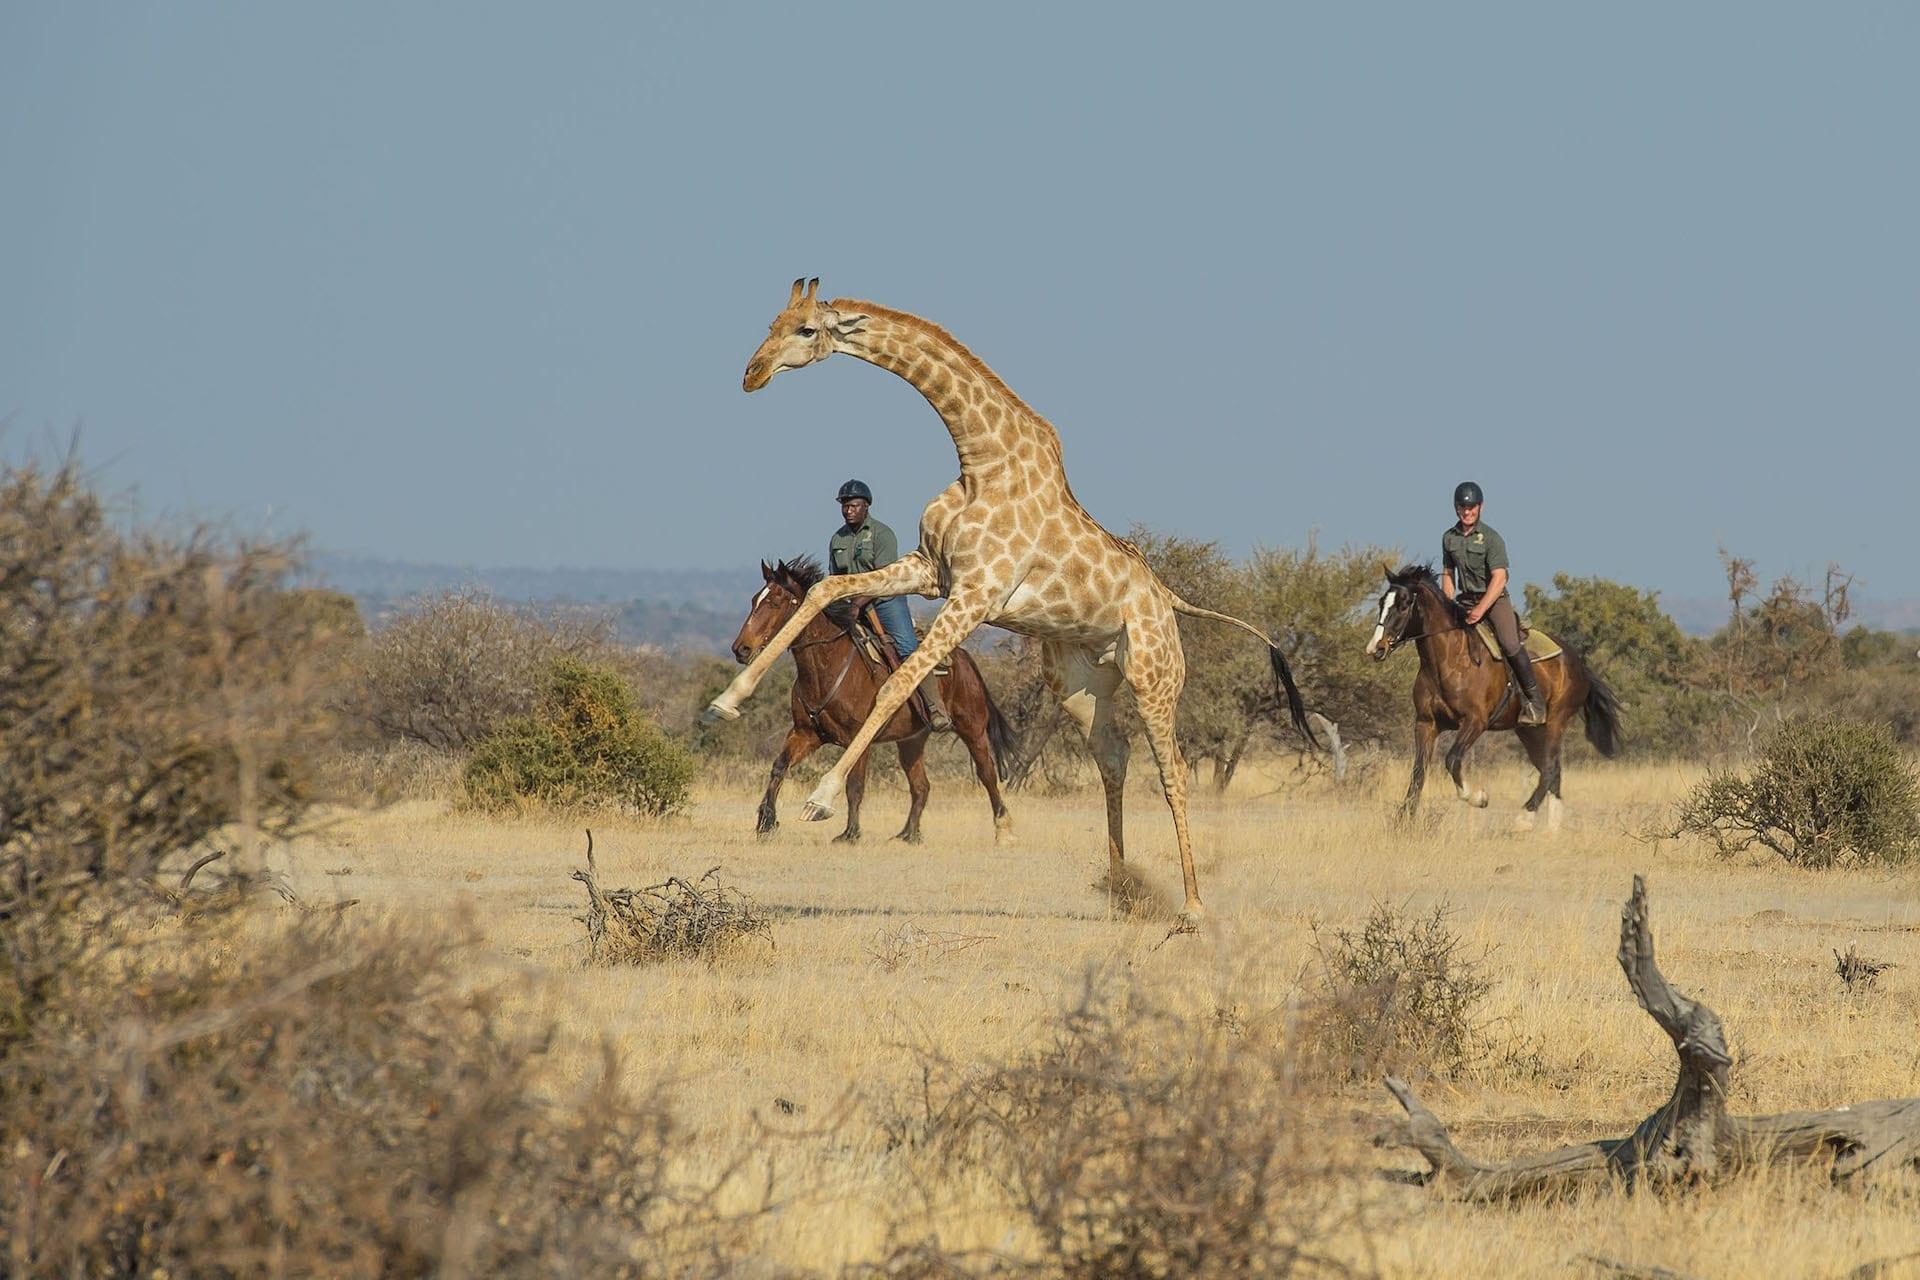 # FOTO - Horizon Horse safaris - dsc_8933